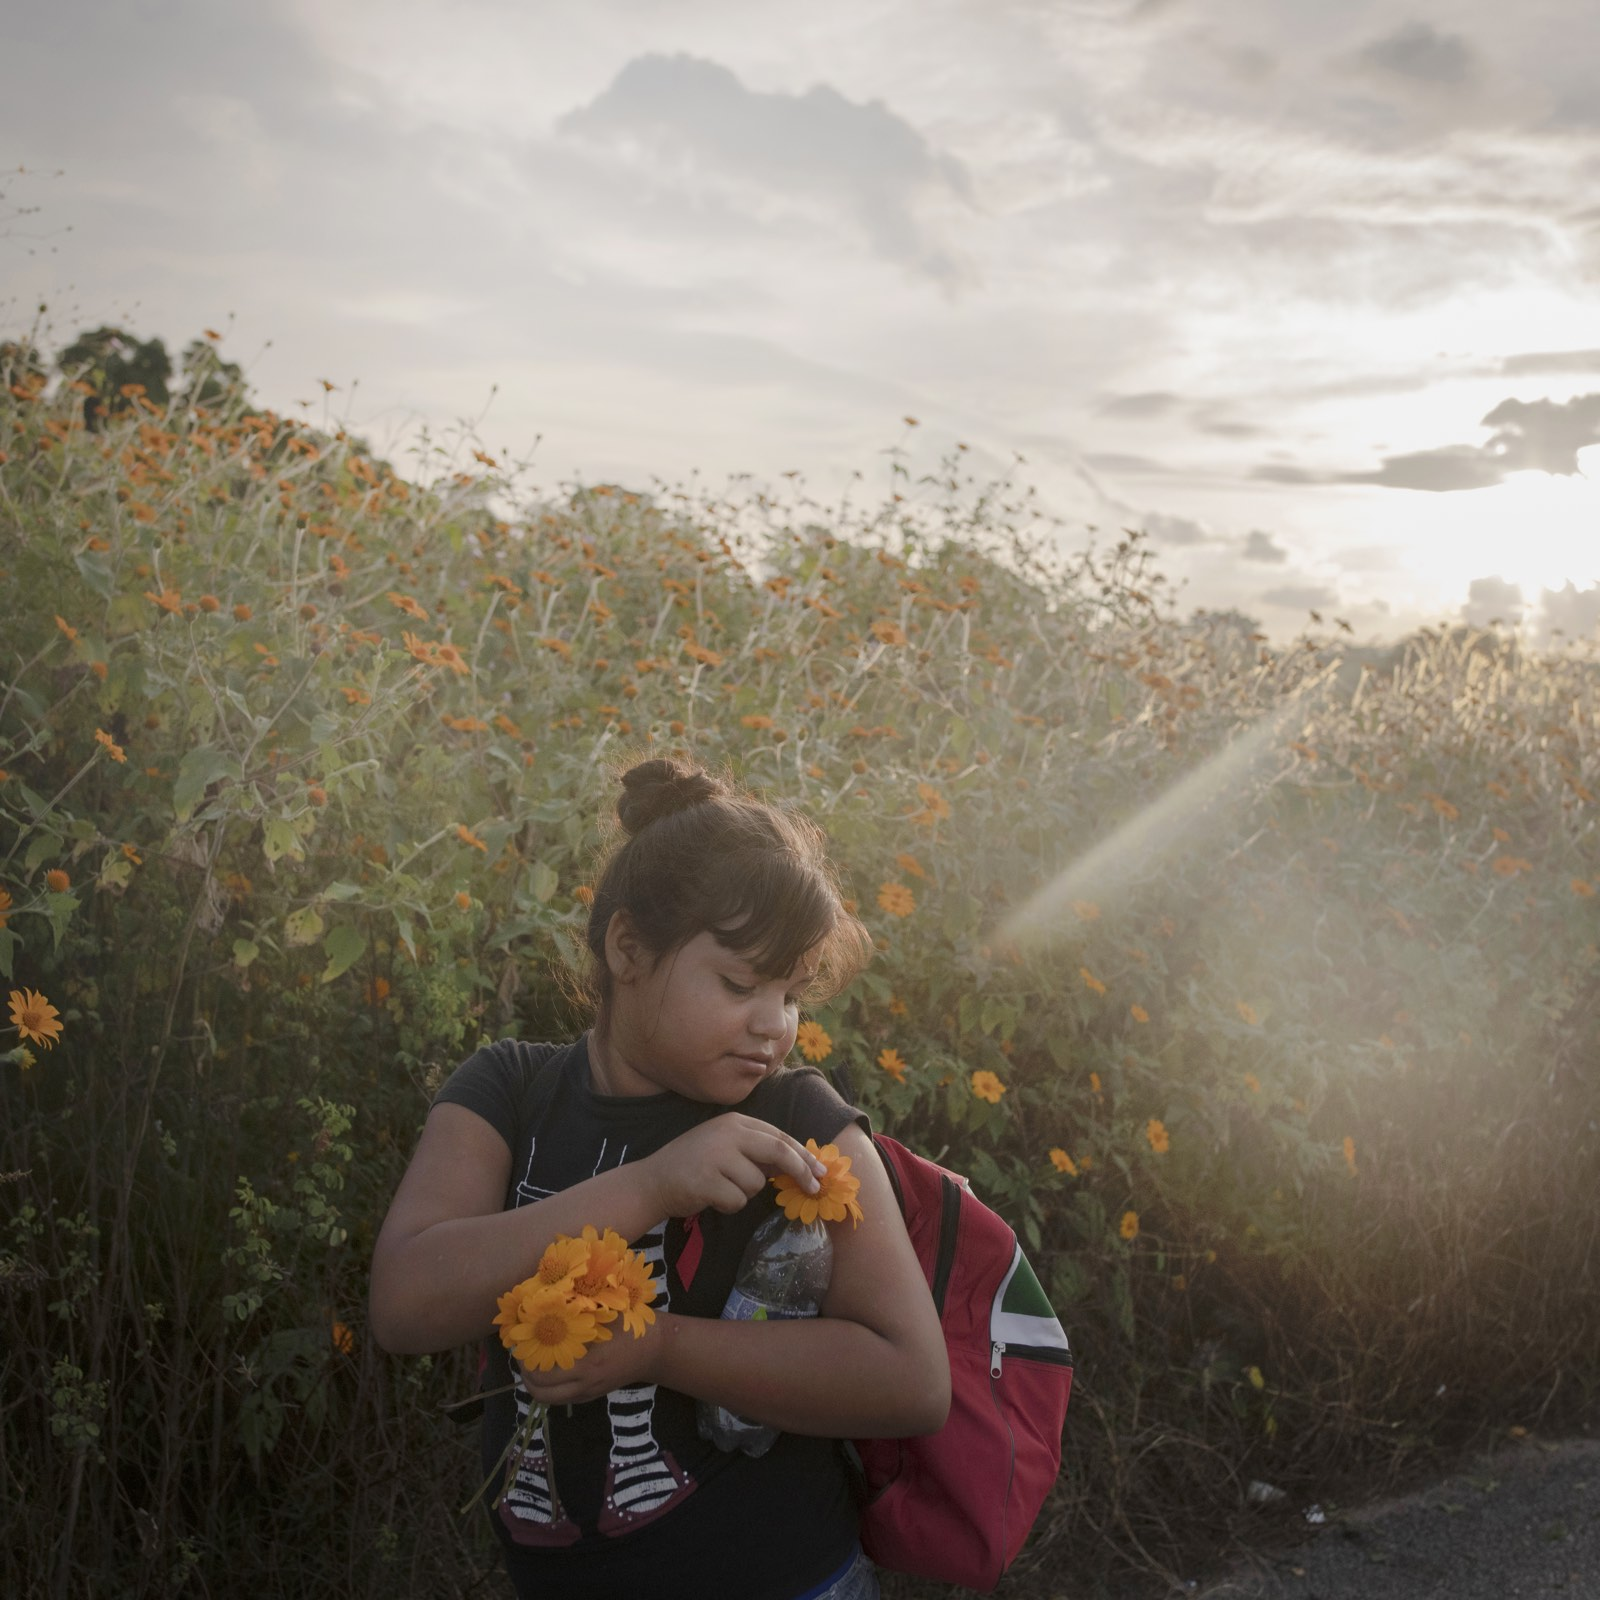 foto: © Pieter Ten Hoopen Agence Vu/Civilian Ac - The Migrant Caravan